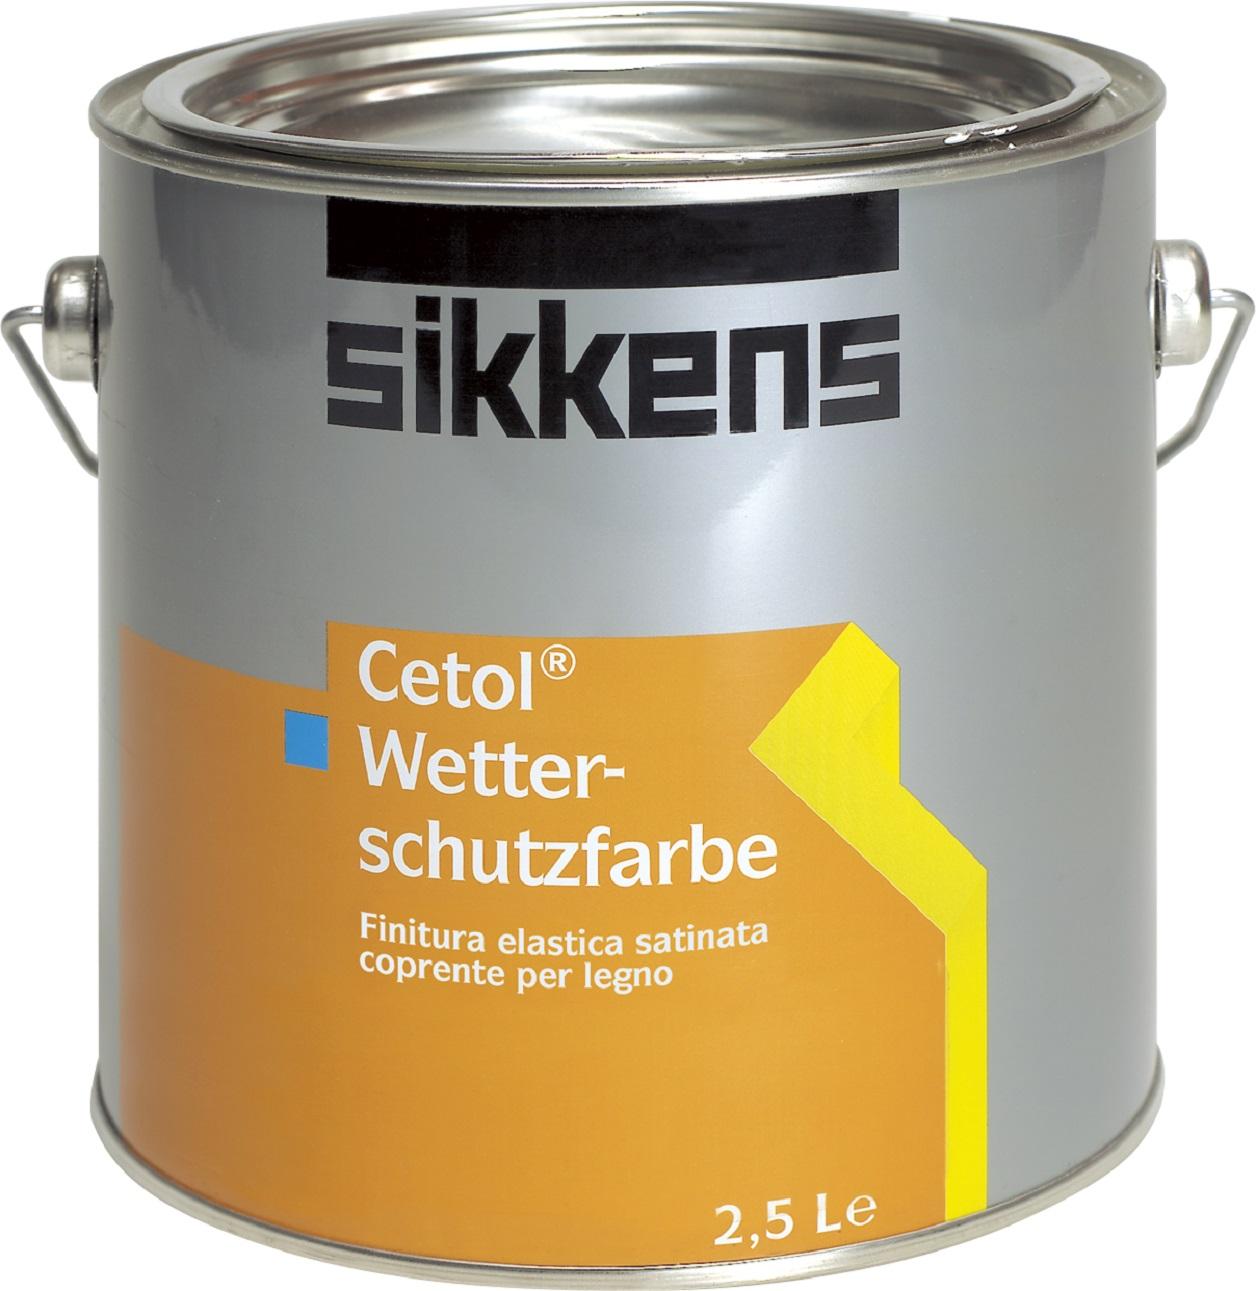 Cetol Wetterschutzfarbe